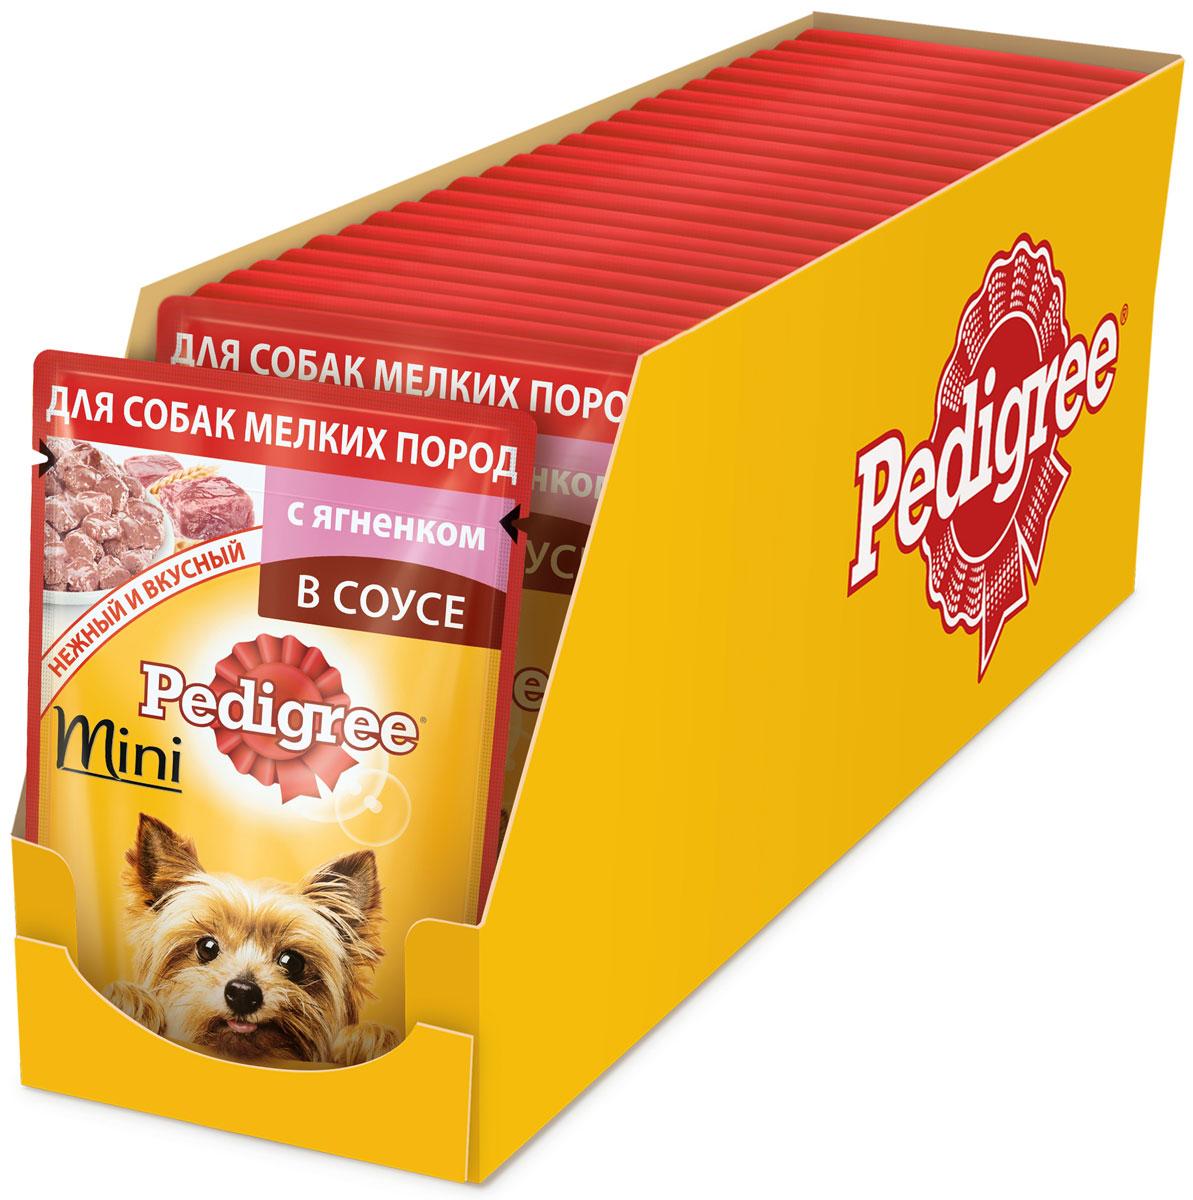 Консервы Pedigree, для взрослых собак мелких пород, с ягненком, 85 г х 24 шт42904